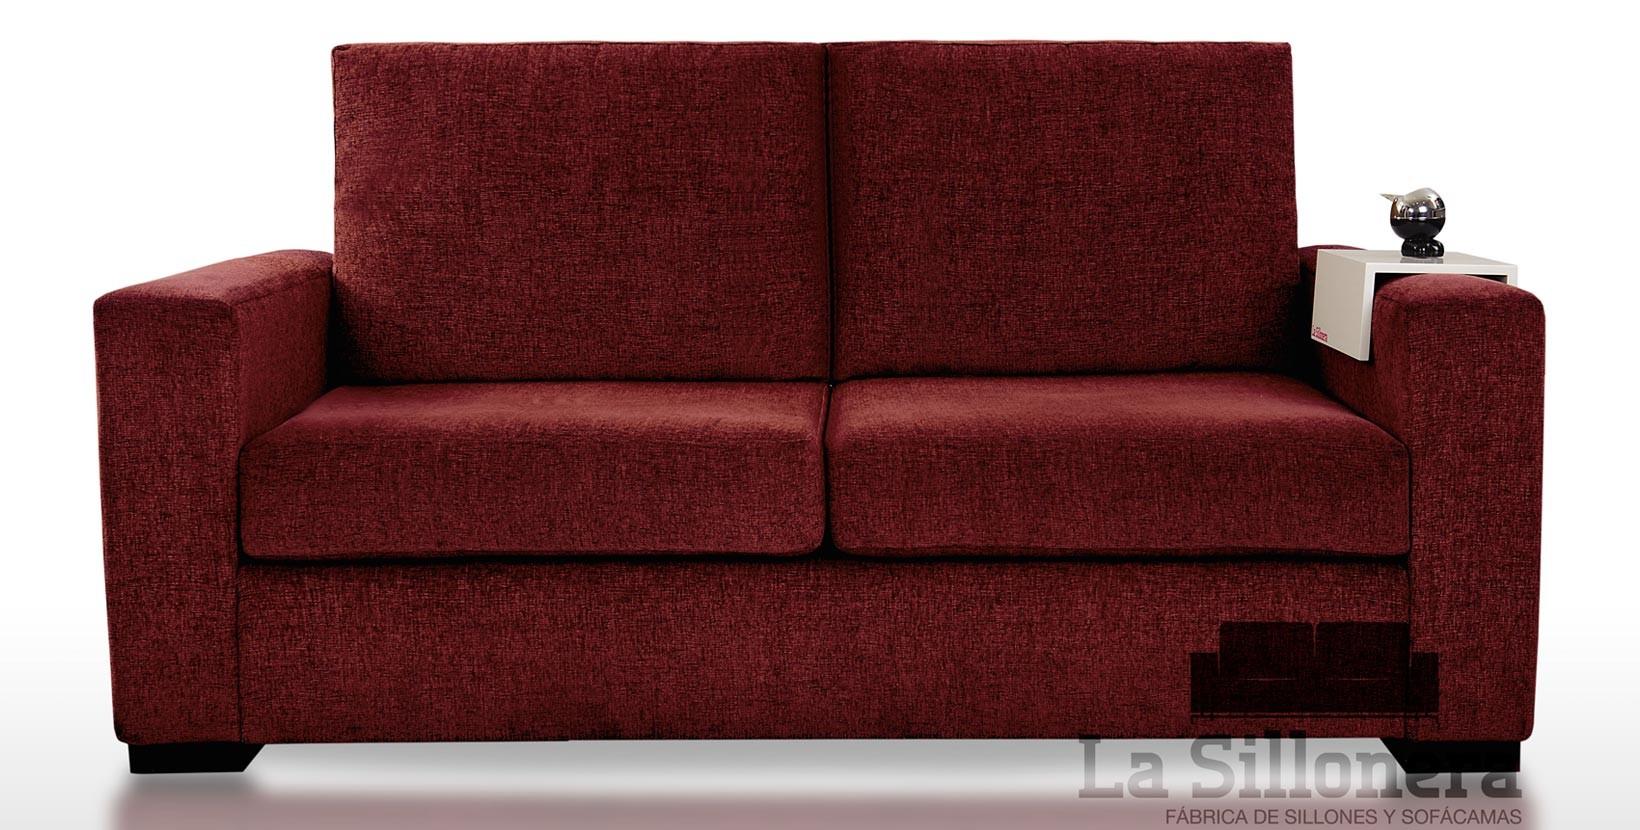 sofa cama individual mexico df mah jong roche bobois preis kaufen sillon modelo luca 2 y 3 cuerpos